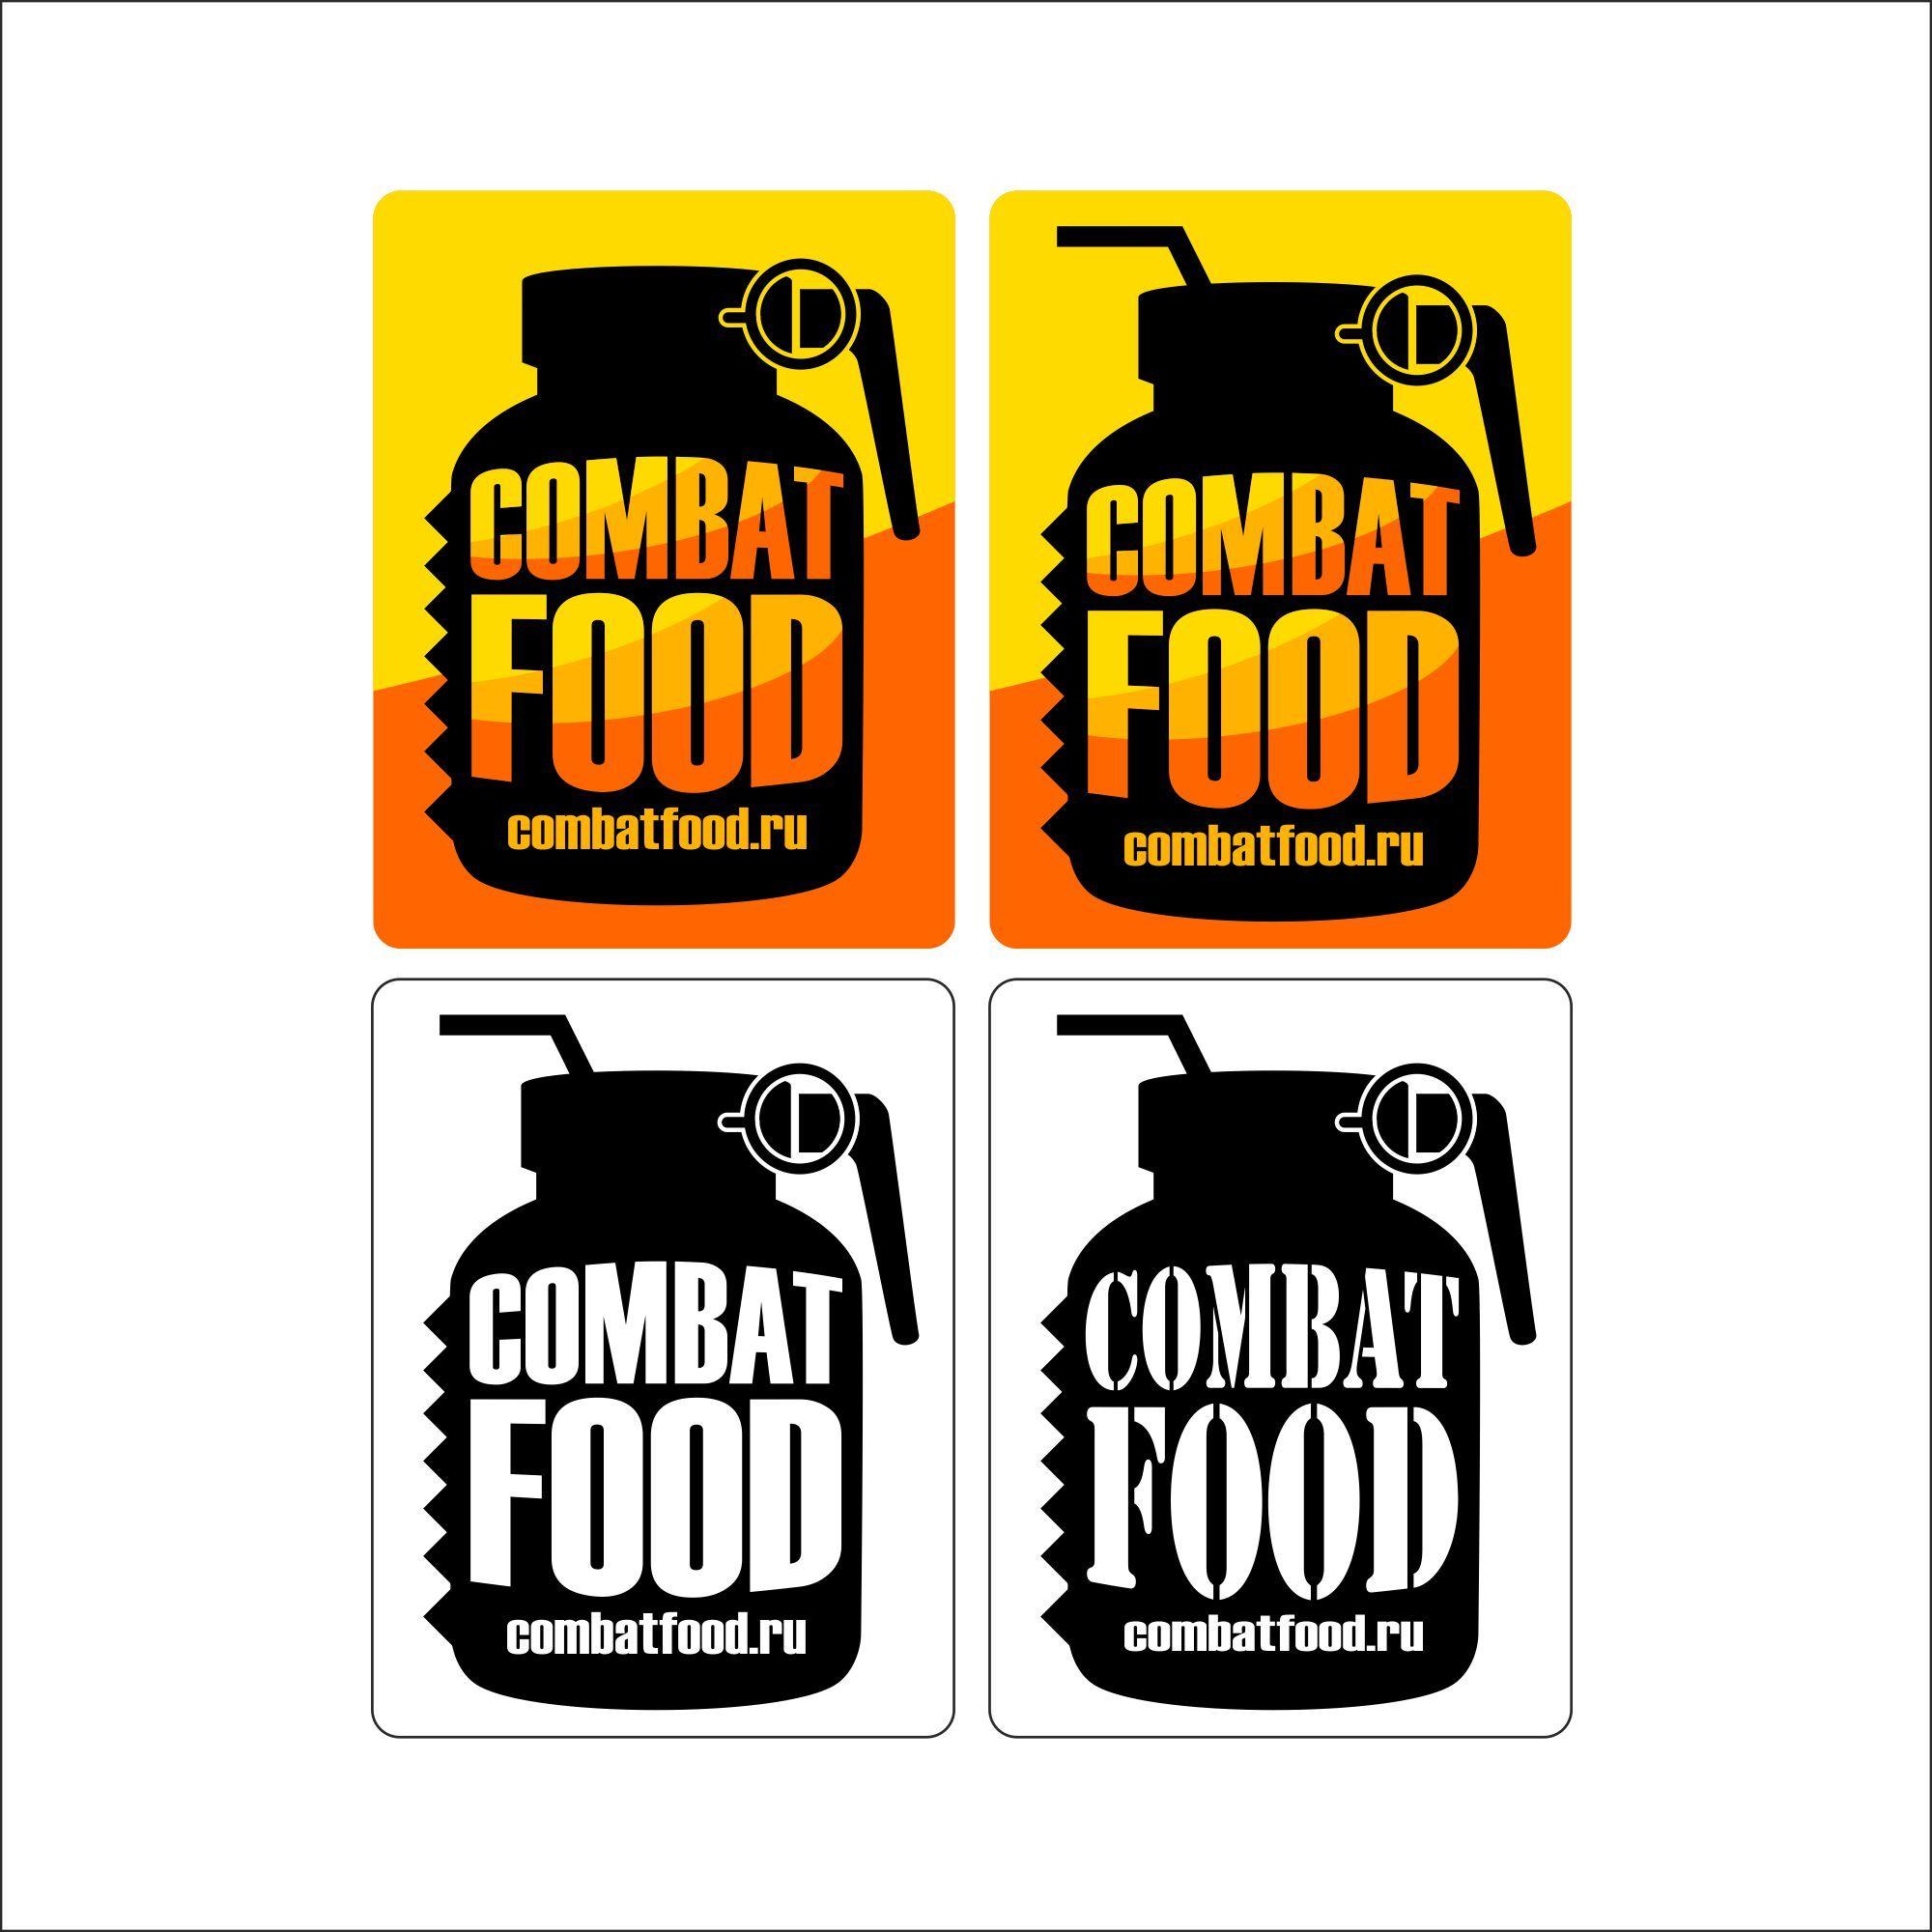 Логотип для интернет-магазина спортивного питания - дизайнер 9lifes4yourcat